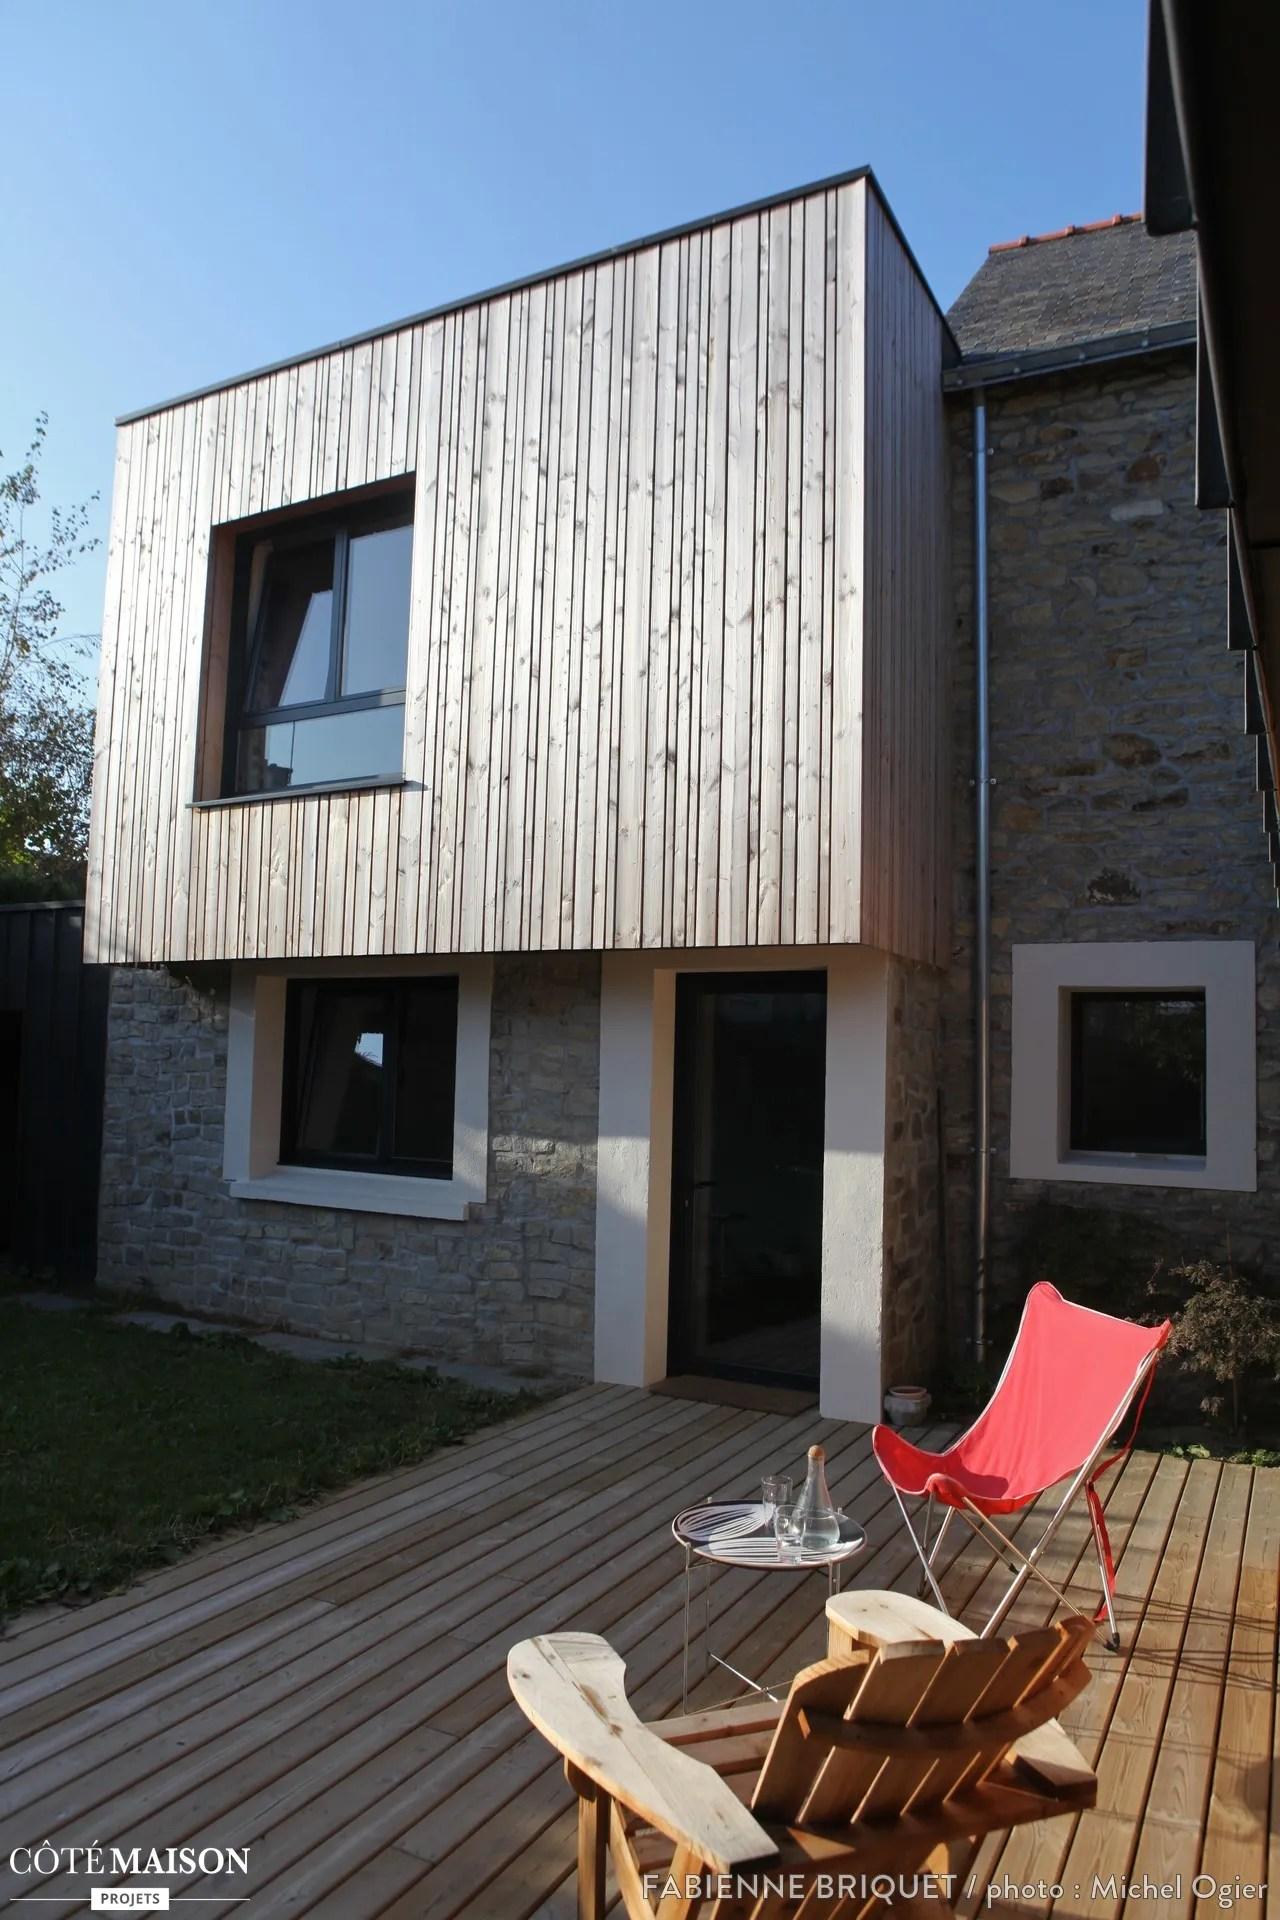 Extension et surlvation dune maison Fabienne Briquet  Ct Maison